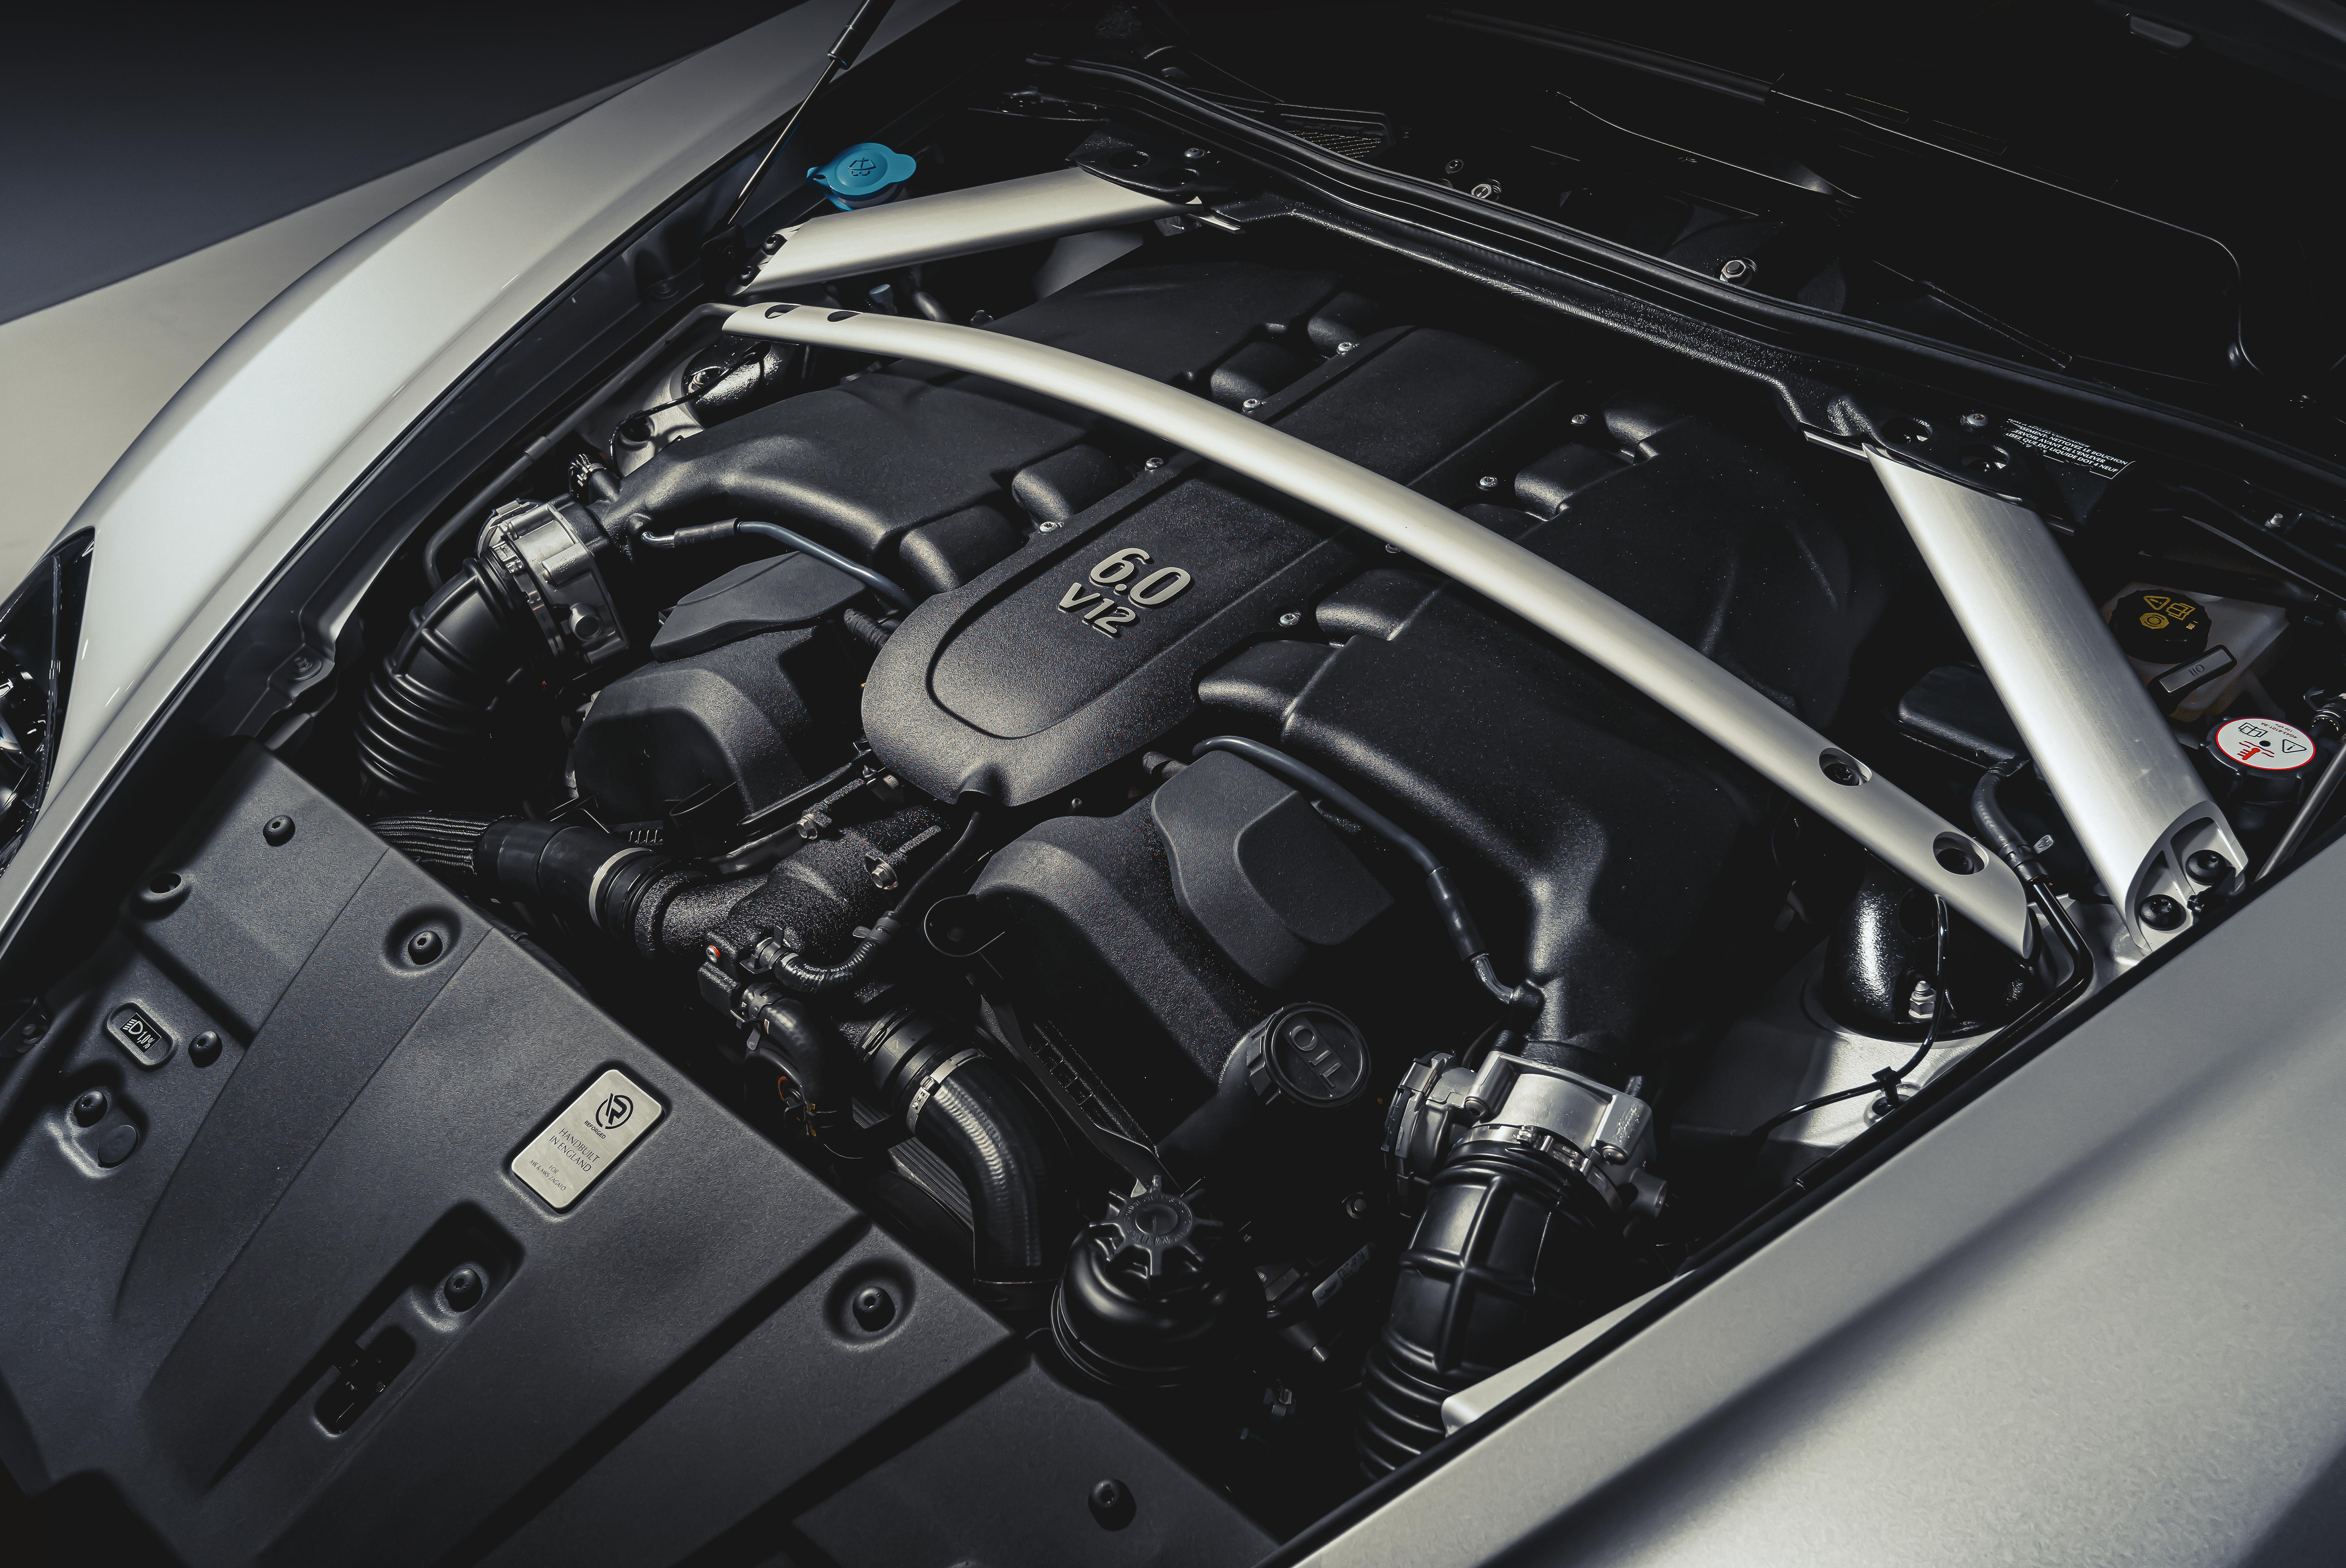 Elan Pr Revealed Aston Martin Vantage V12 Zagato Heritage Twins By R Reforged